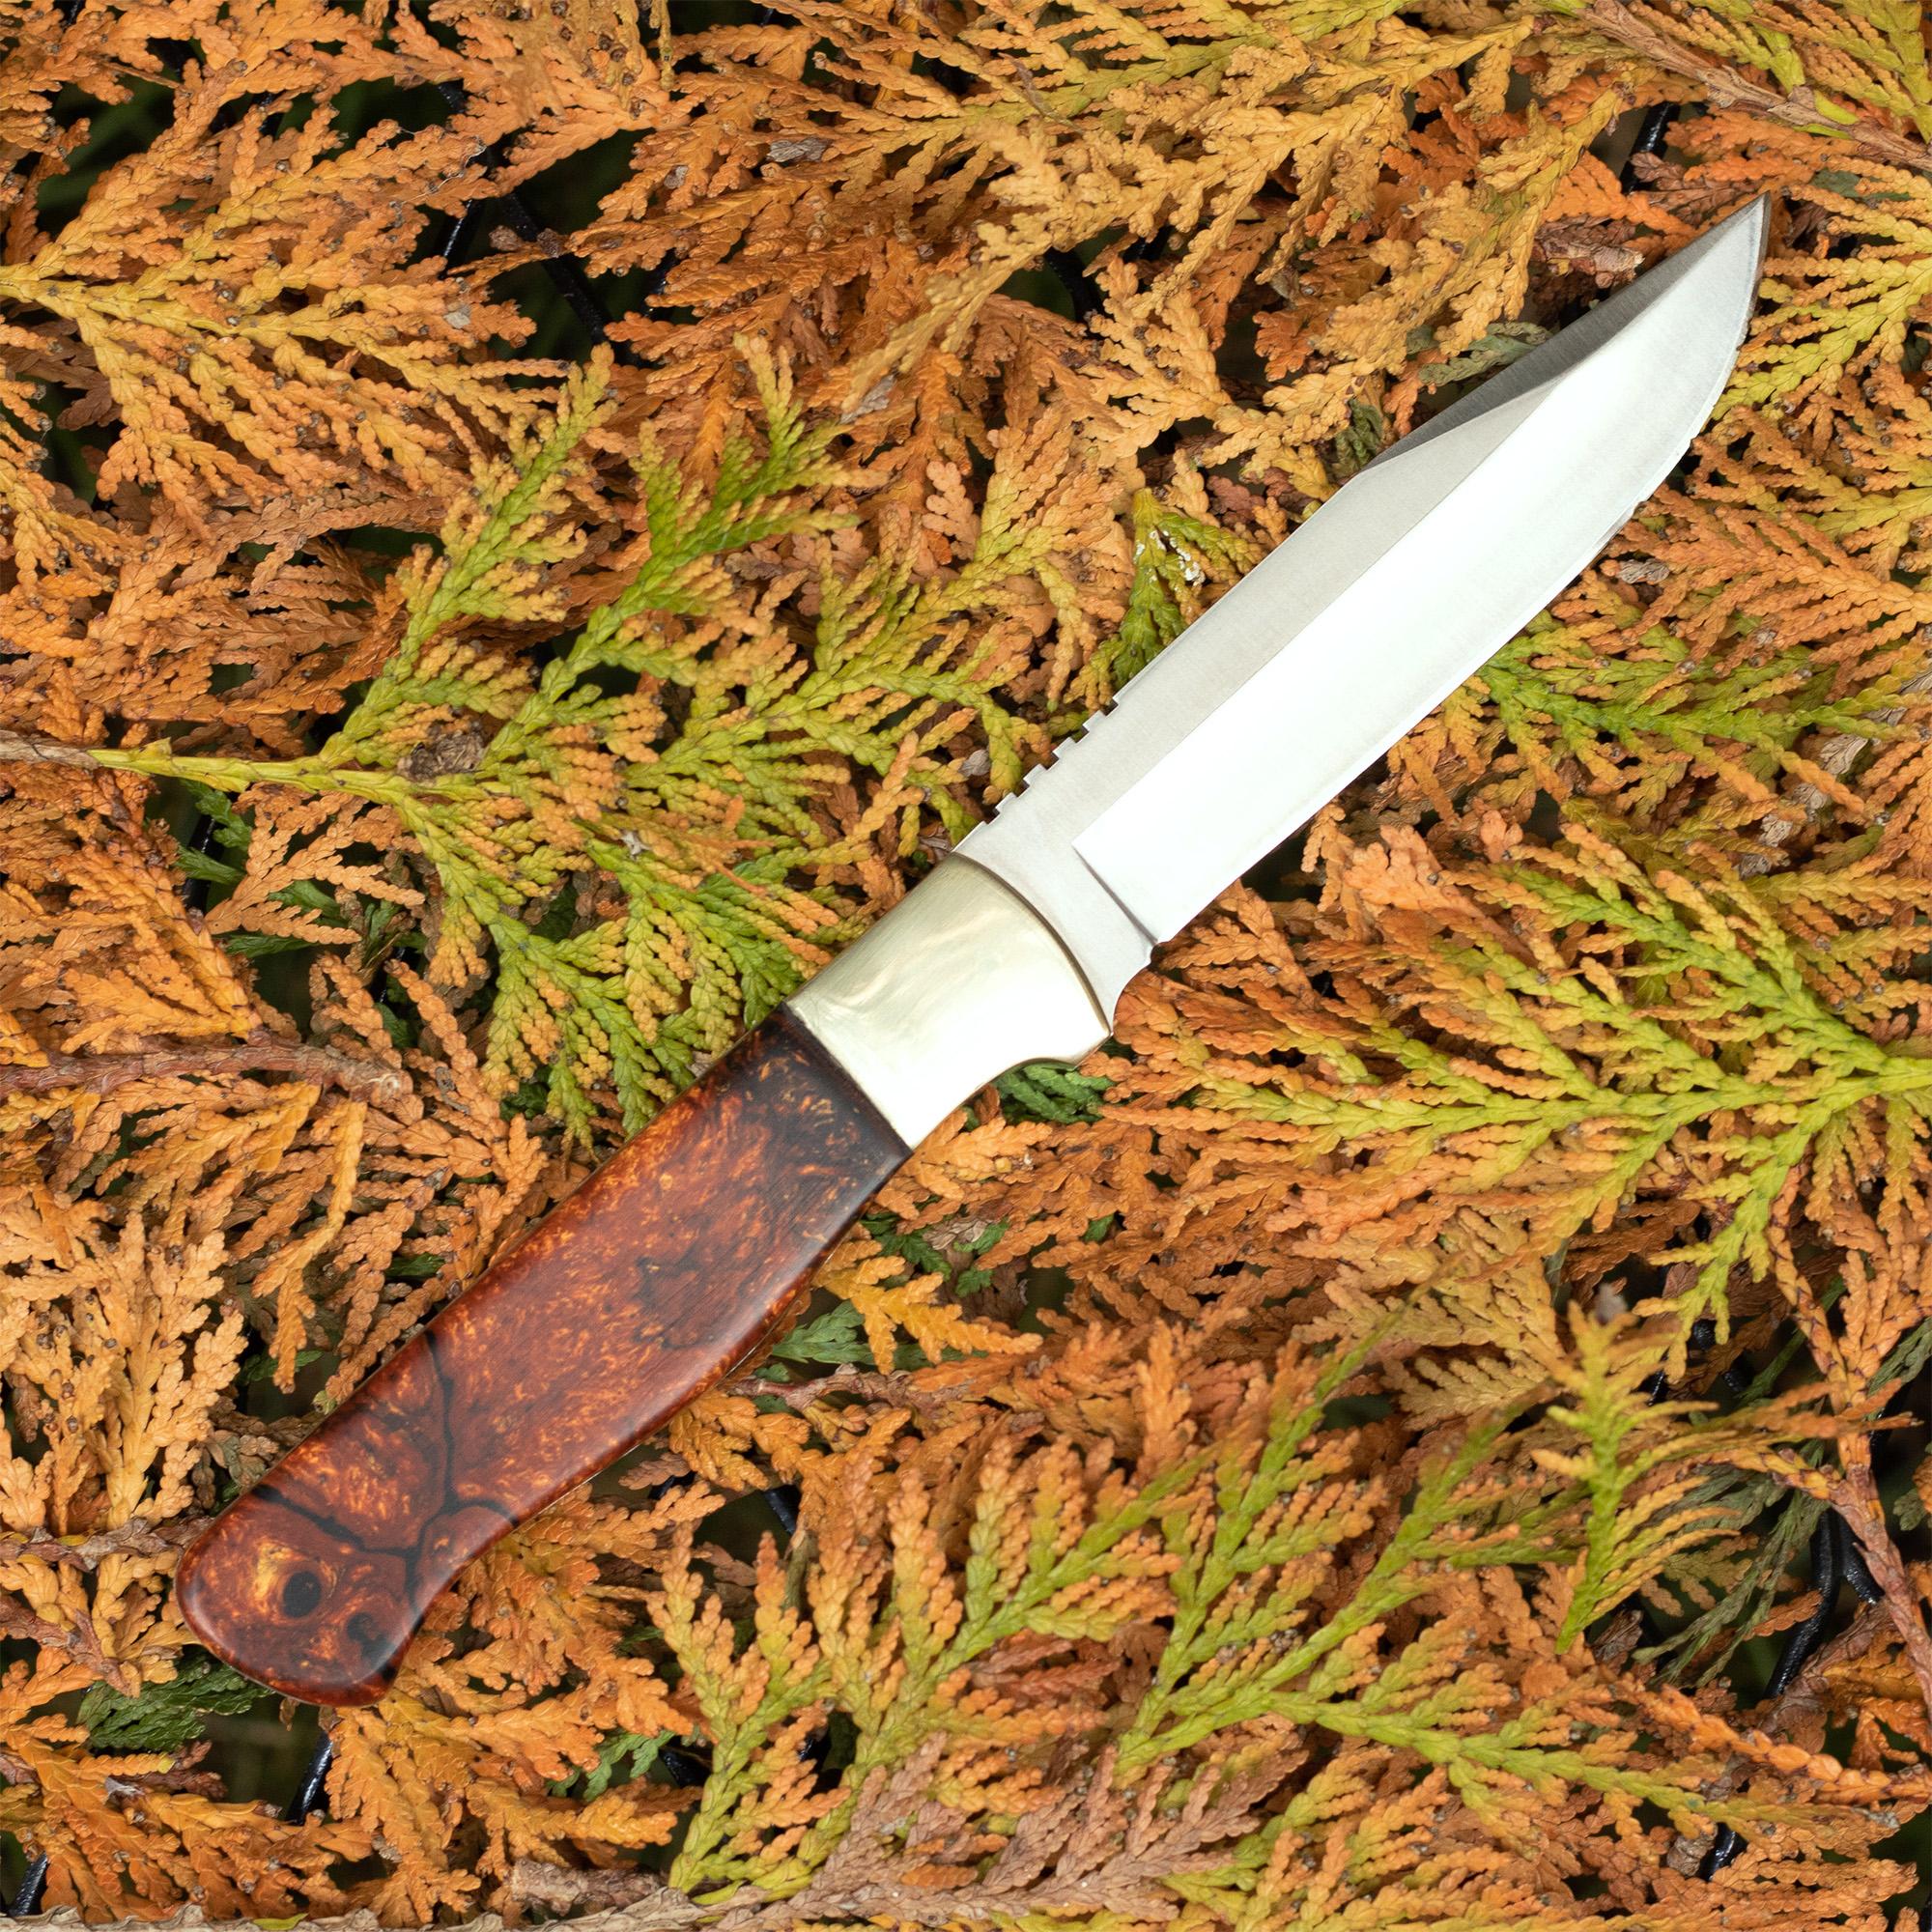 Bearcat blade